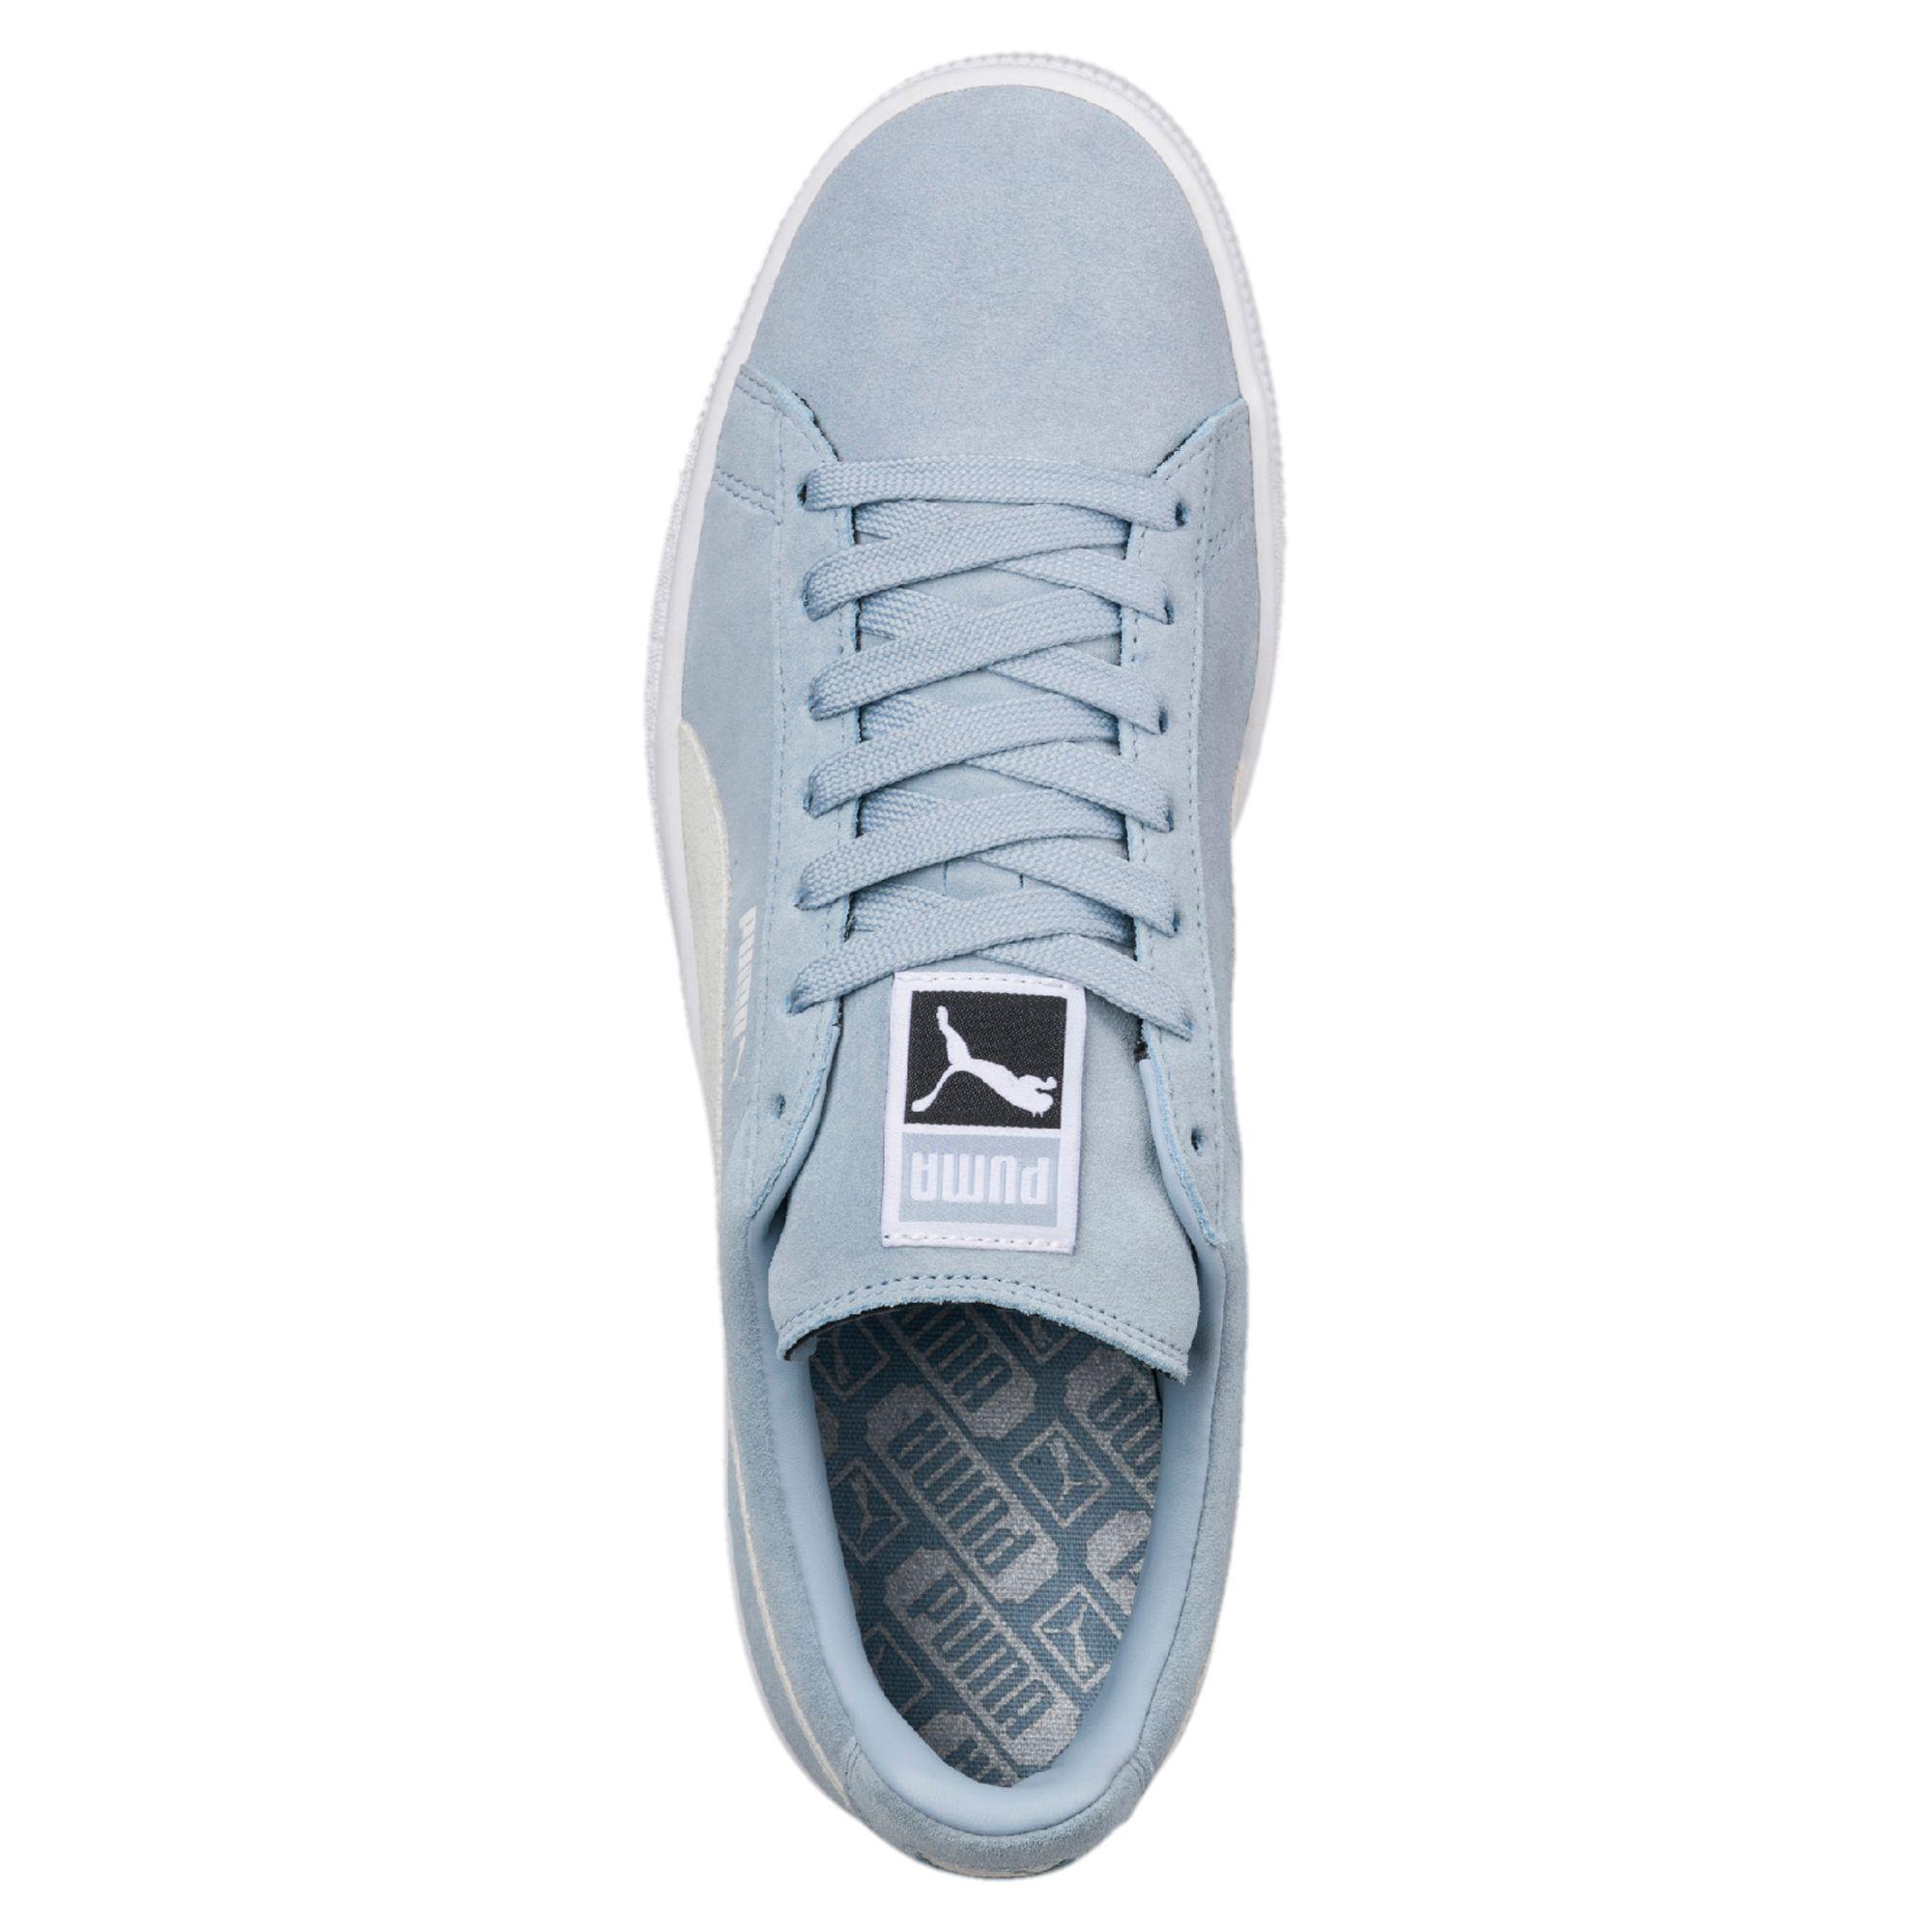 PUMA Suede Classic+ Sneaker Sport Classics Schuhe Männer Neu